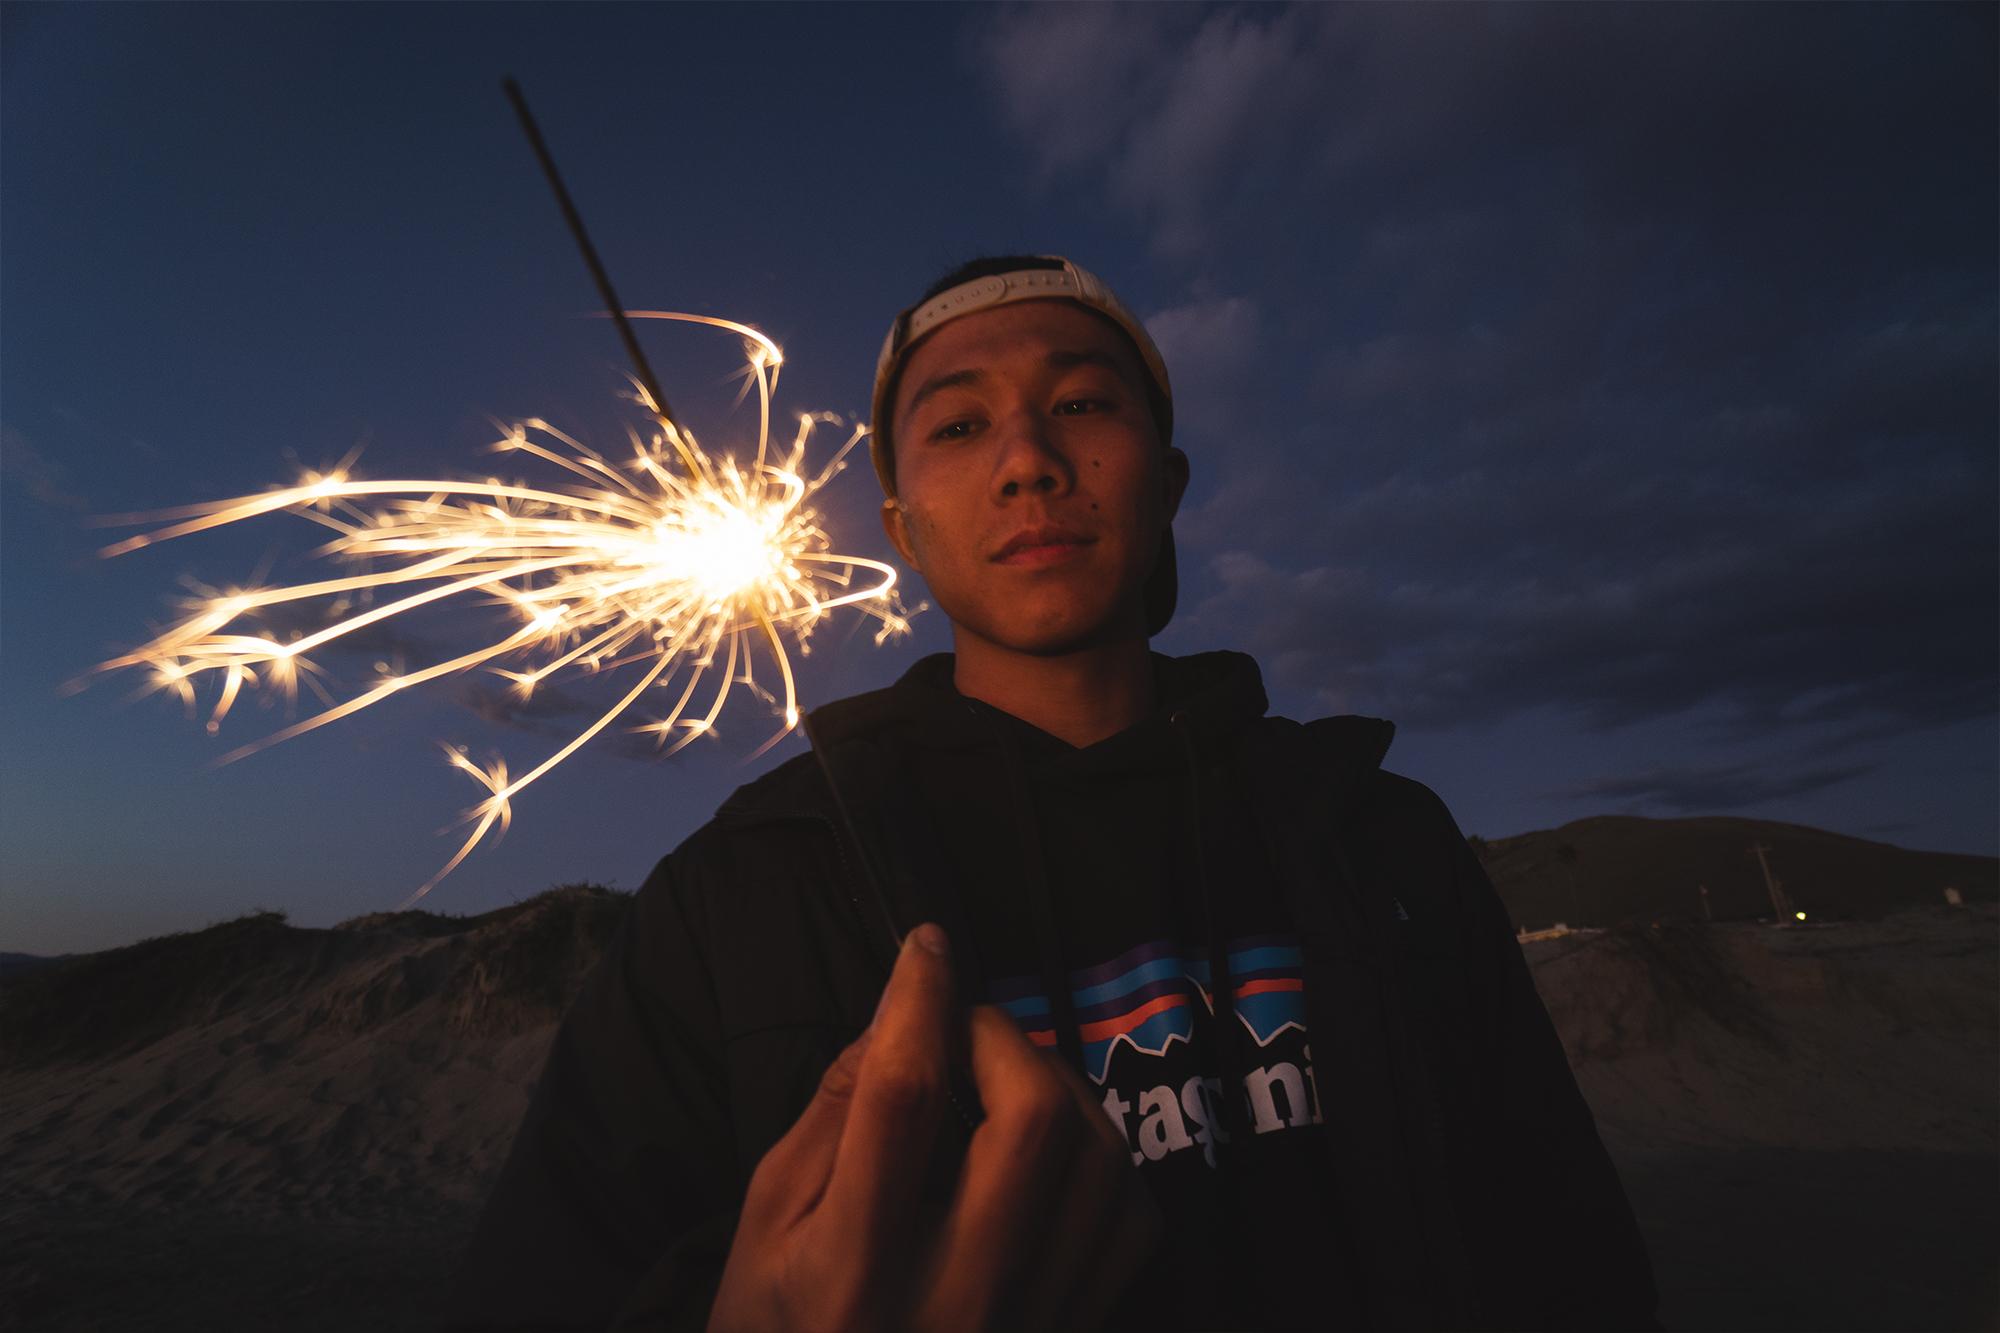 Hobo-Life-hoang-morro-bay-groupphoto-andrew-deng-firework.jpg